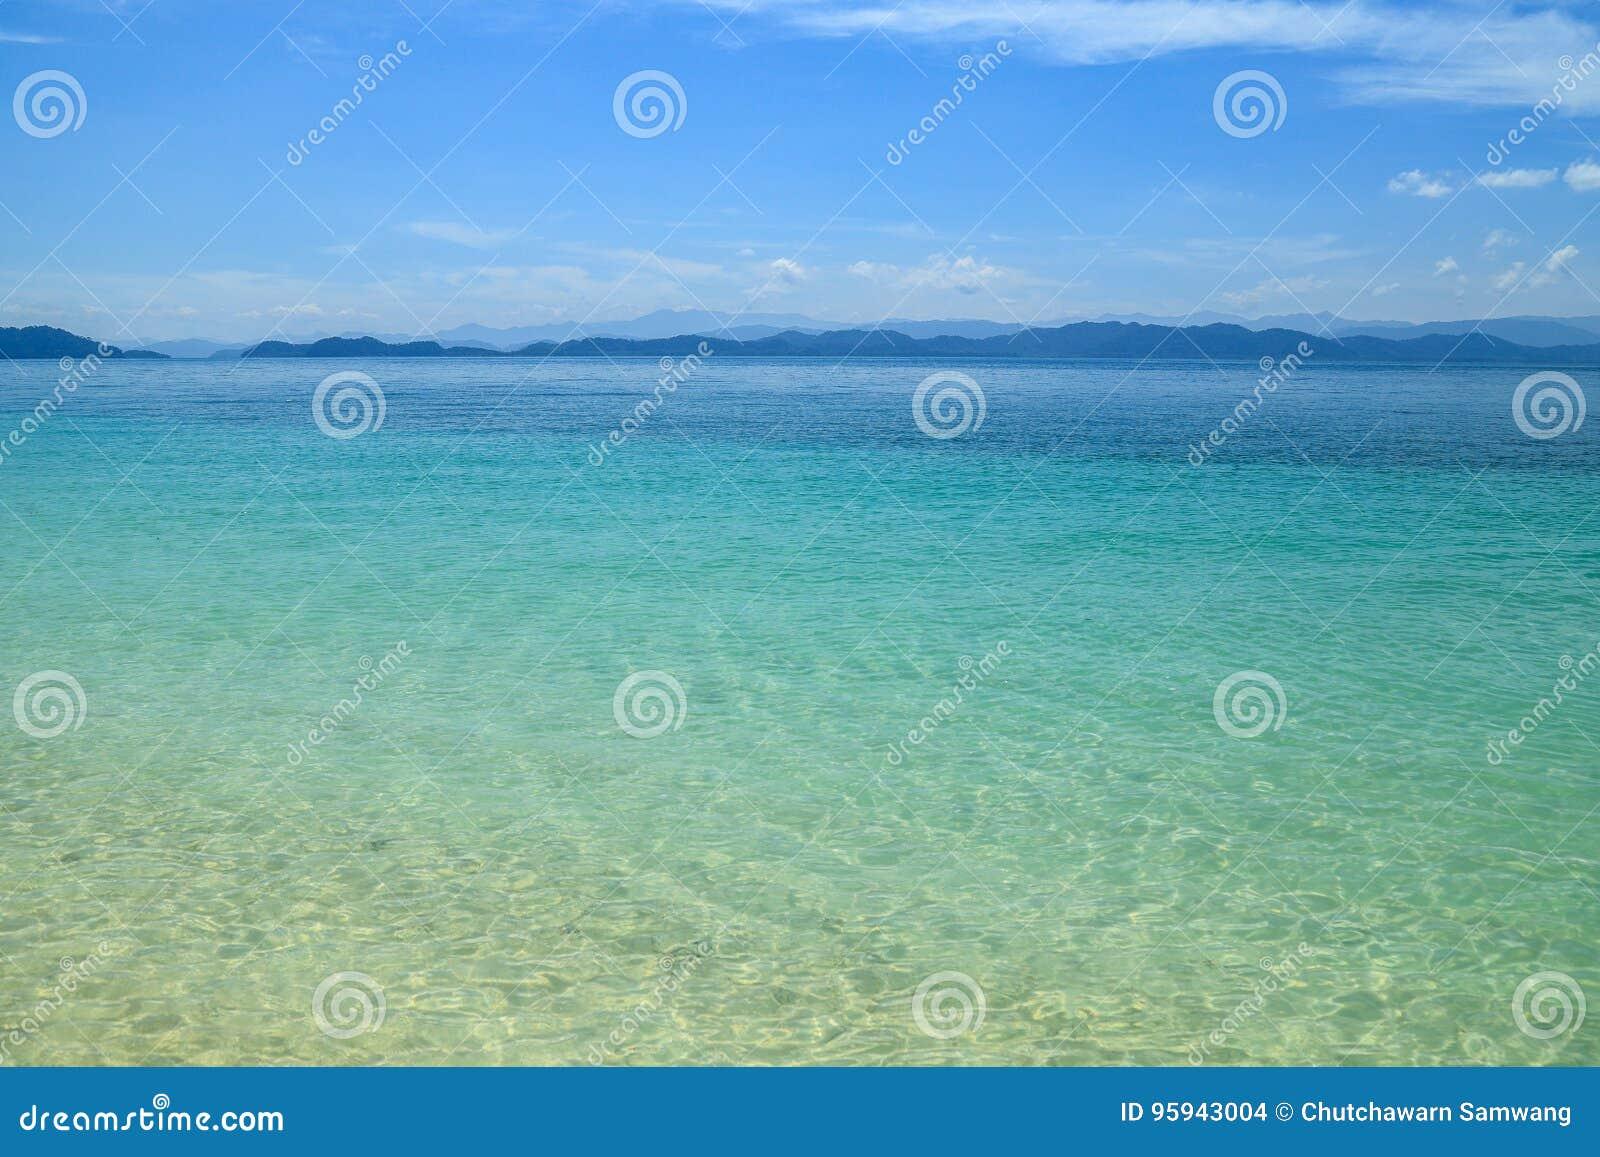 Opinião aérea de superfície do mar